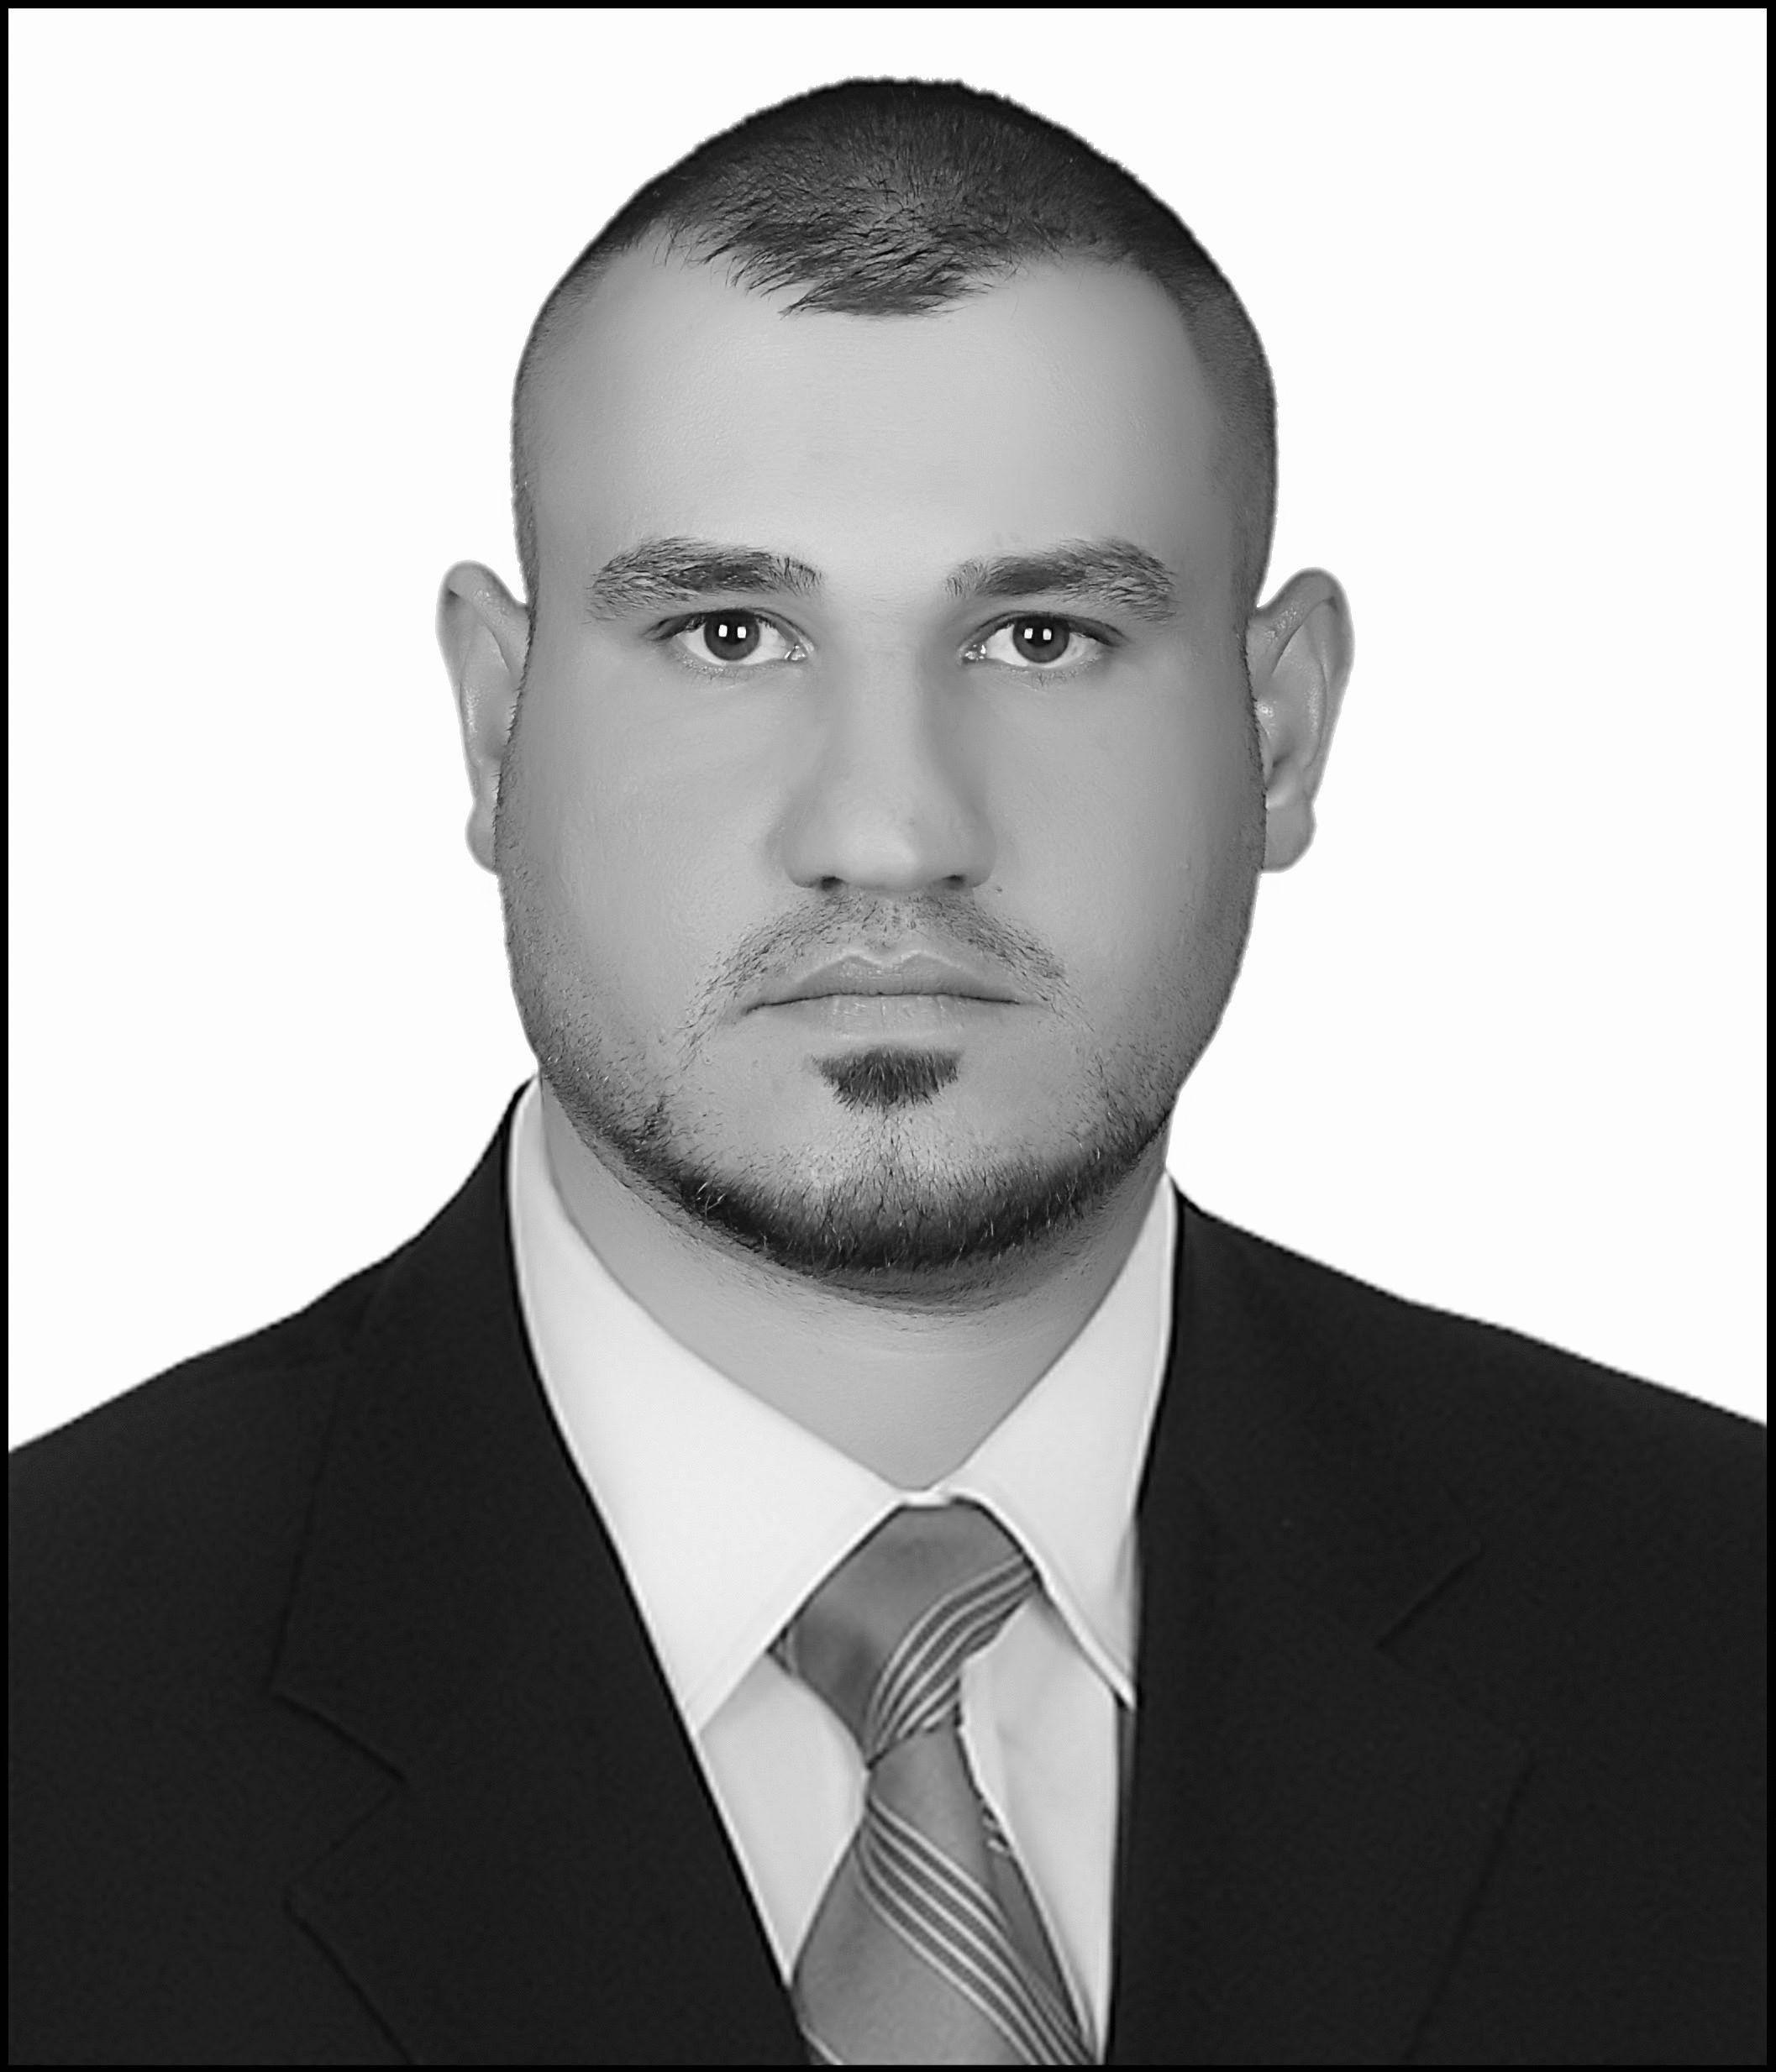 سعد السلطاني Headshot